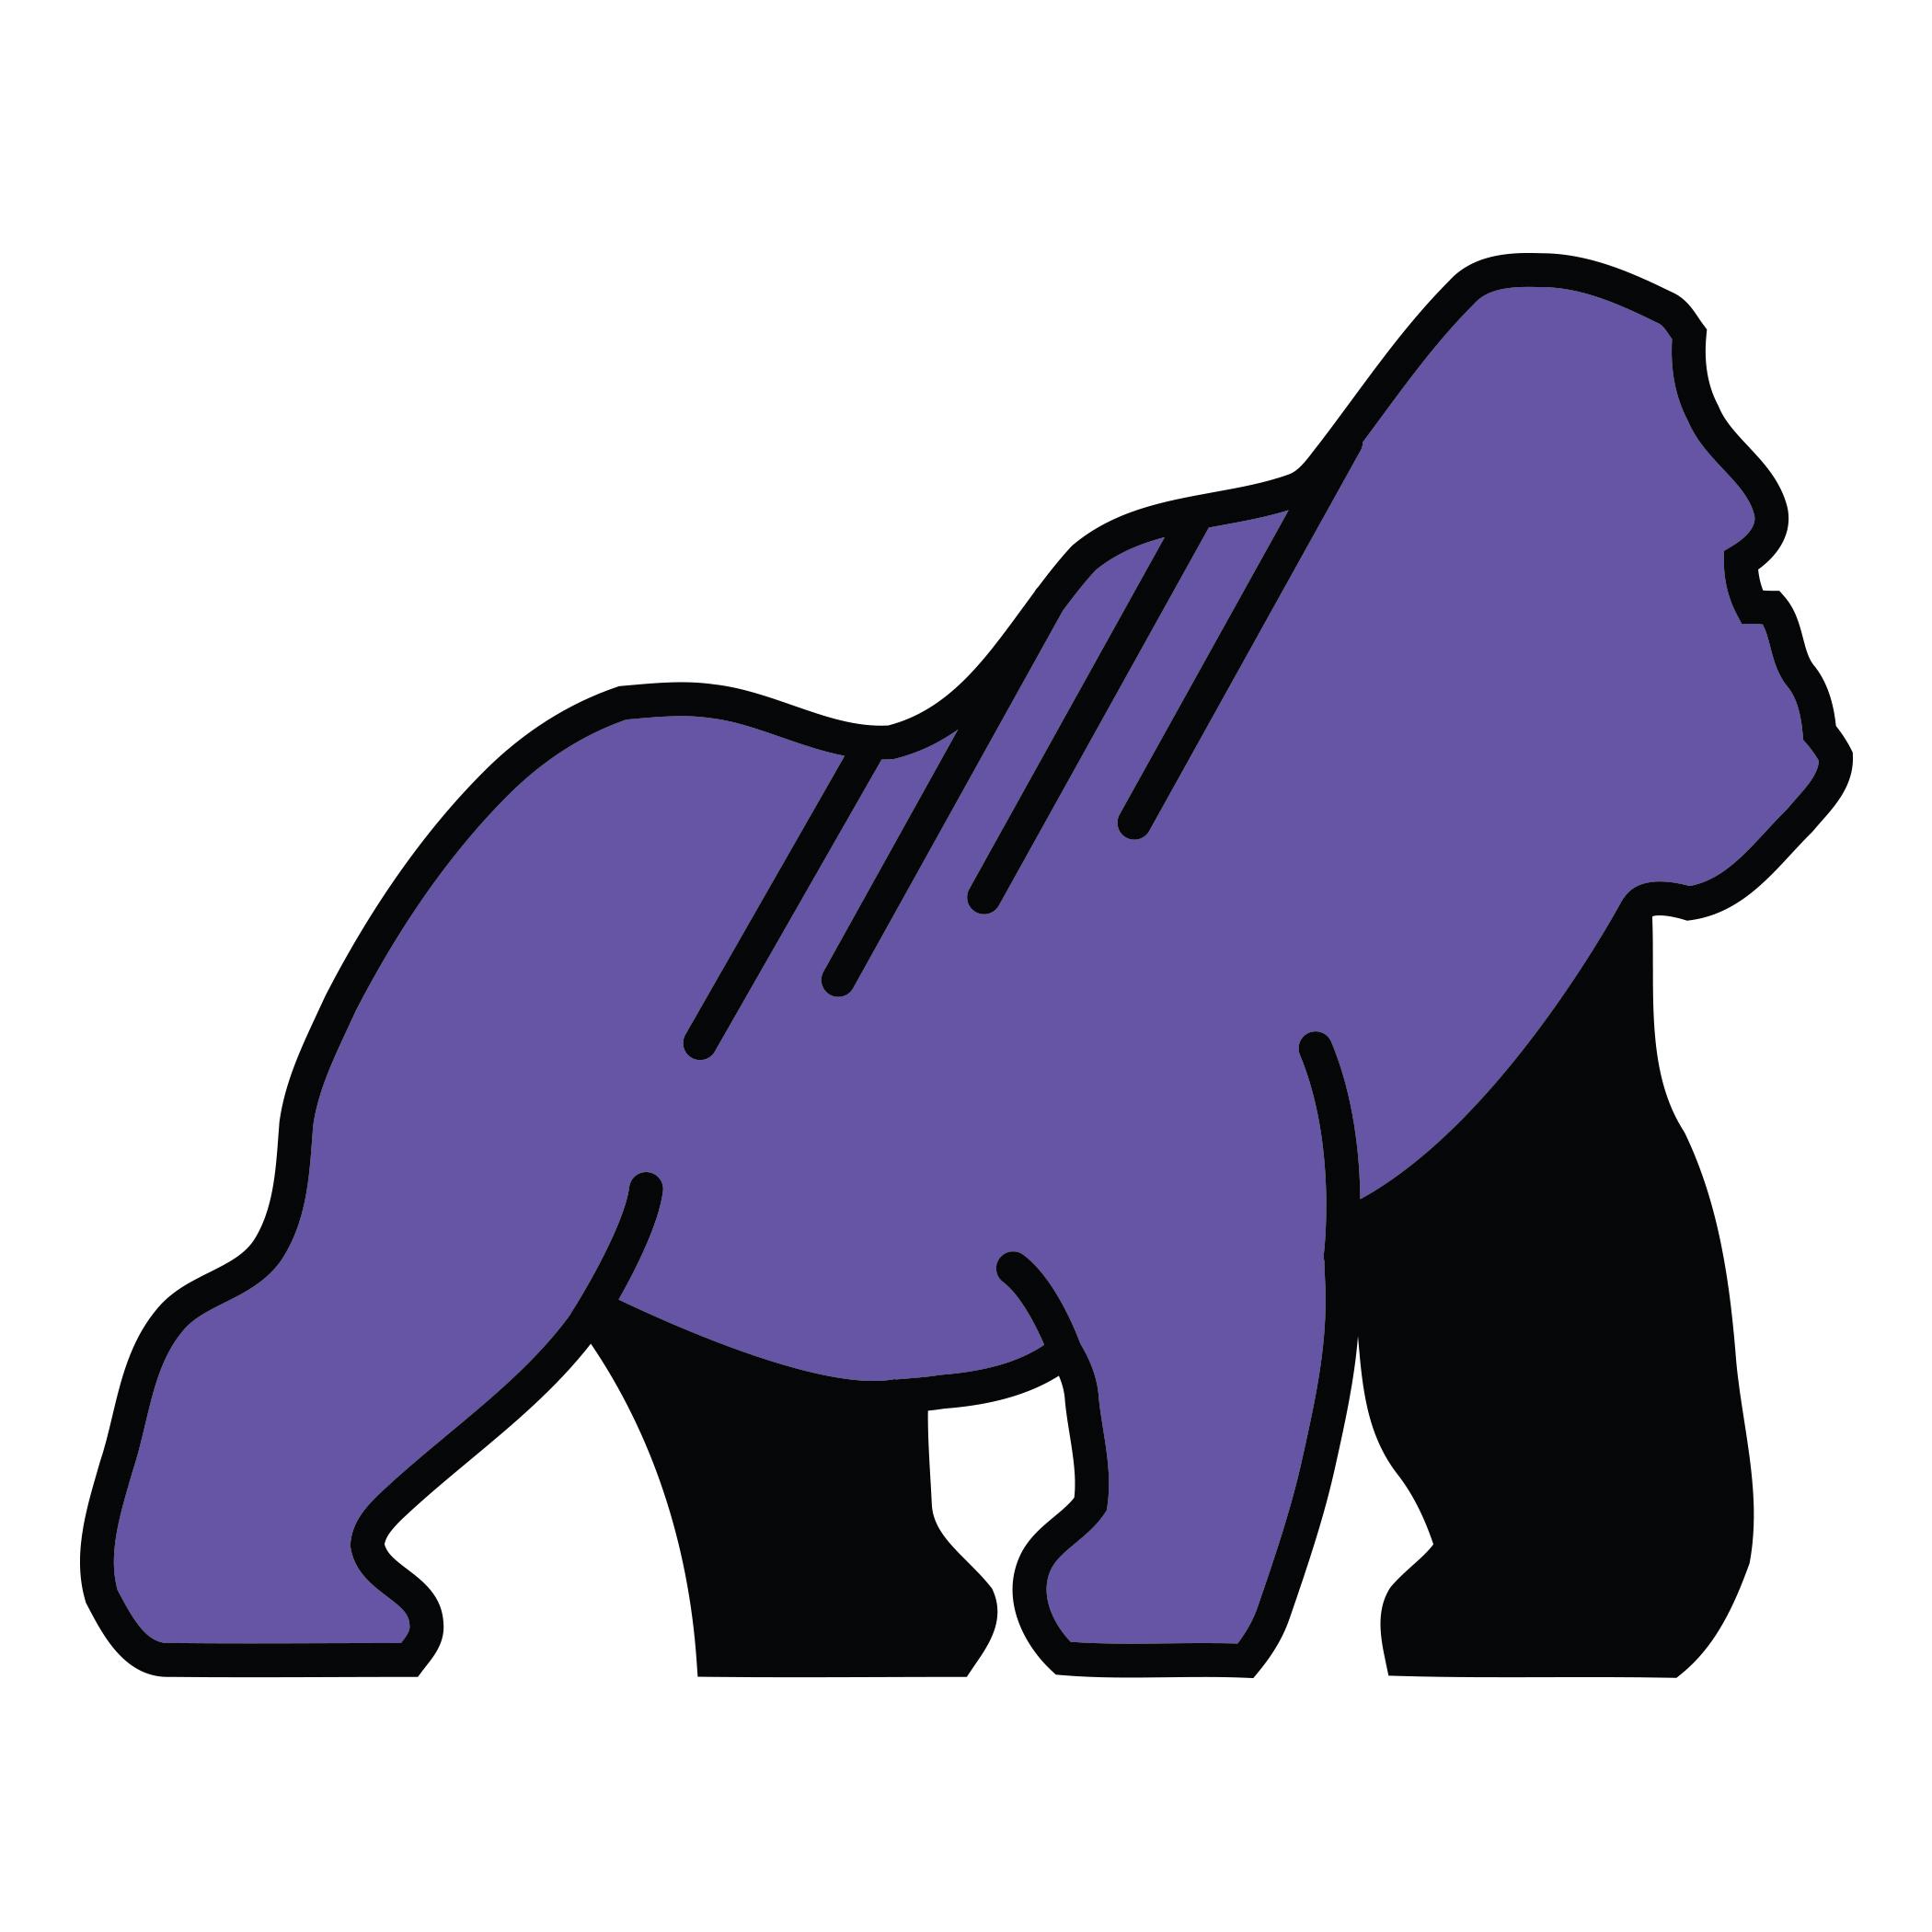 Purple Gorilla Sticker